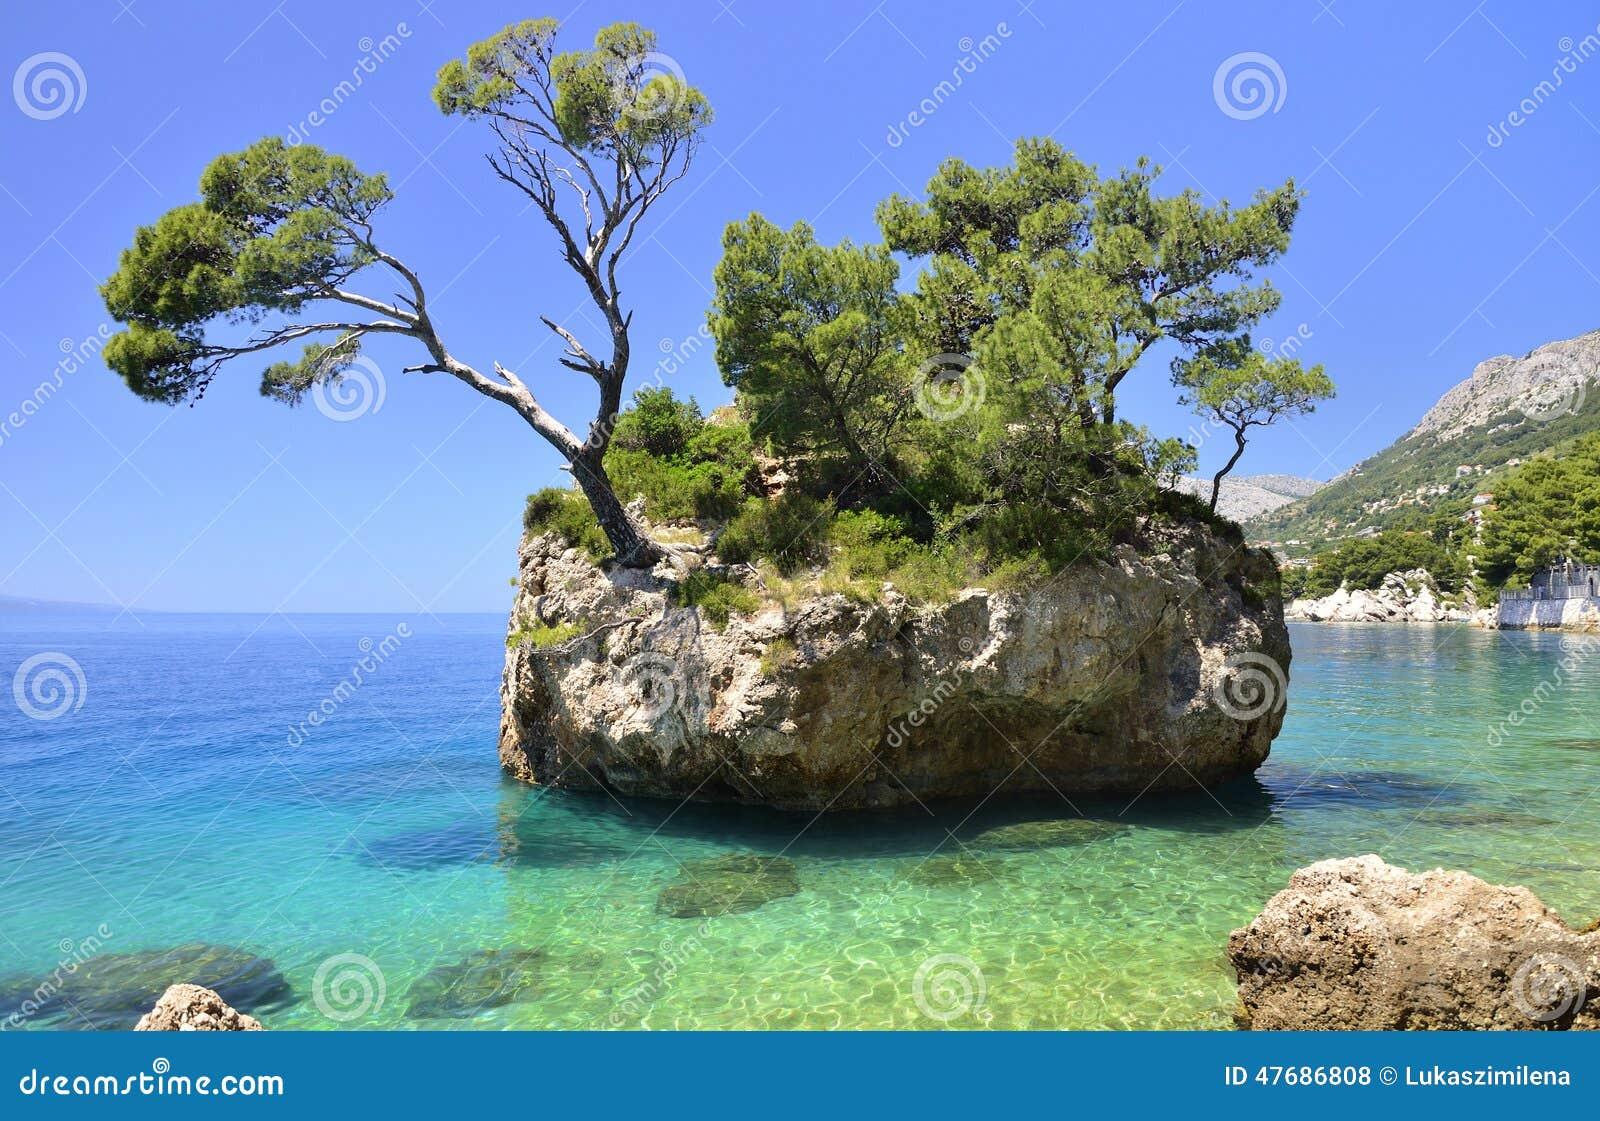 Brela em Makarska Riviera, Dalmácia, Croácia